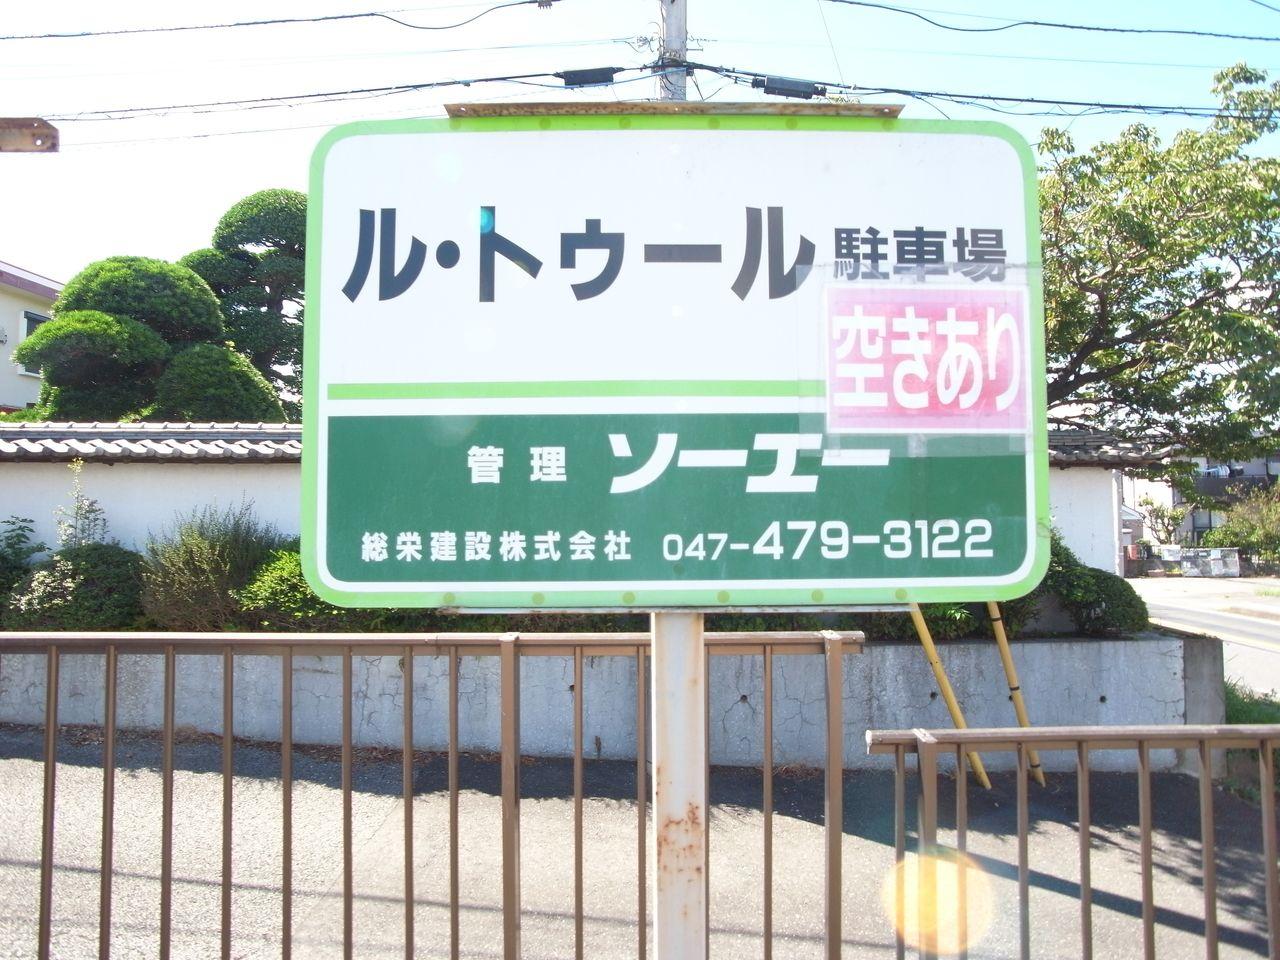 ☆近隣駐車場 空き情報☆ ルトゥール駐車場(櫻井F駐車場)